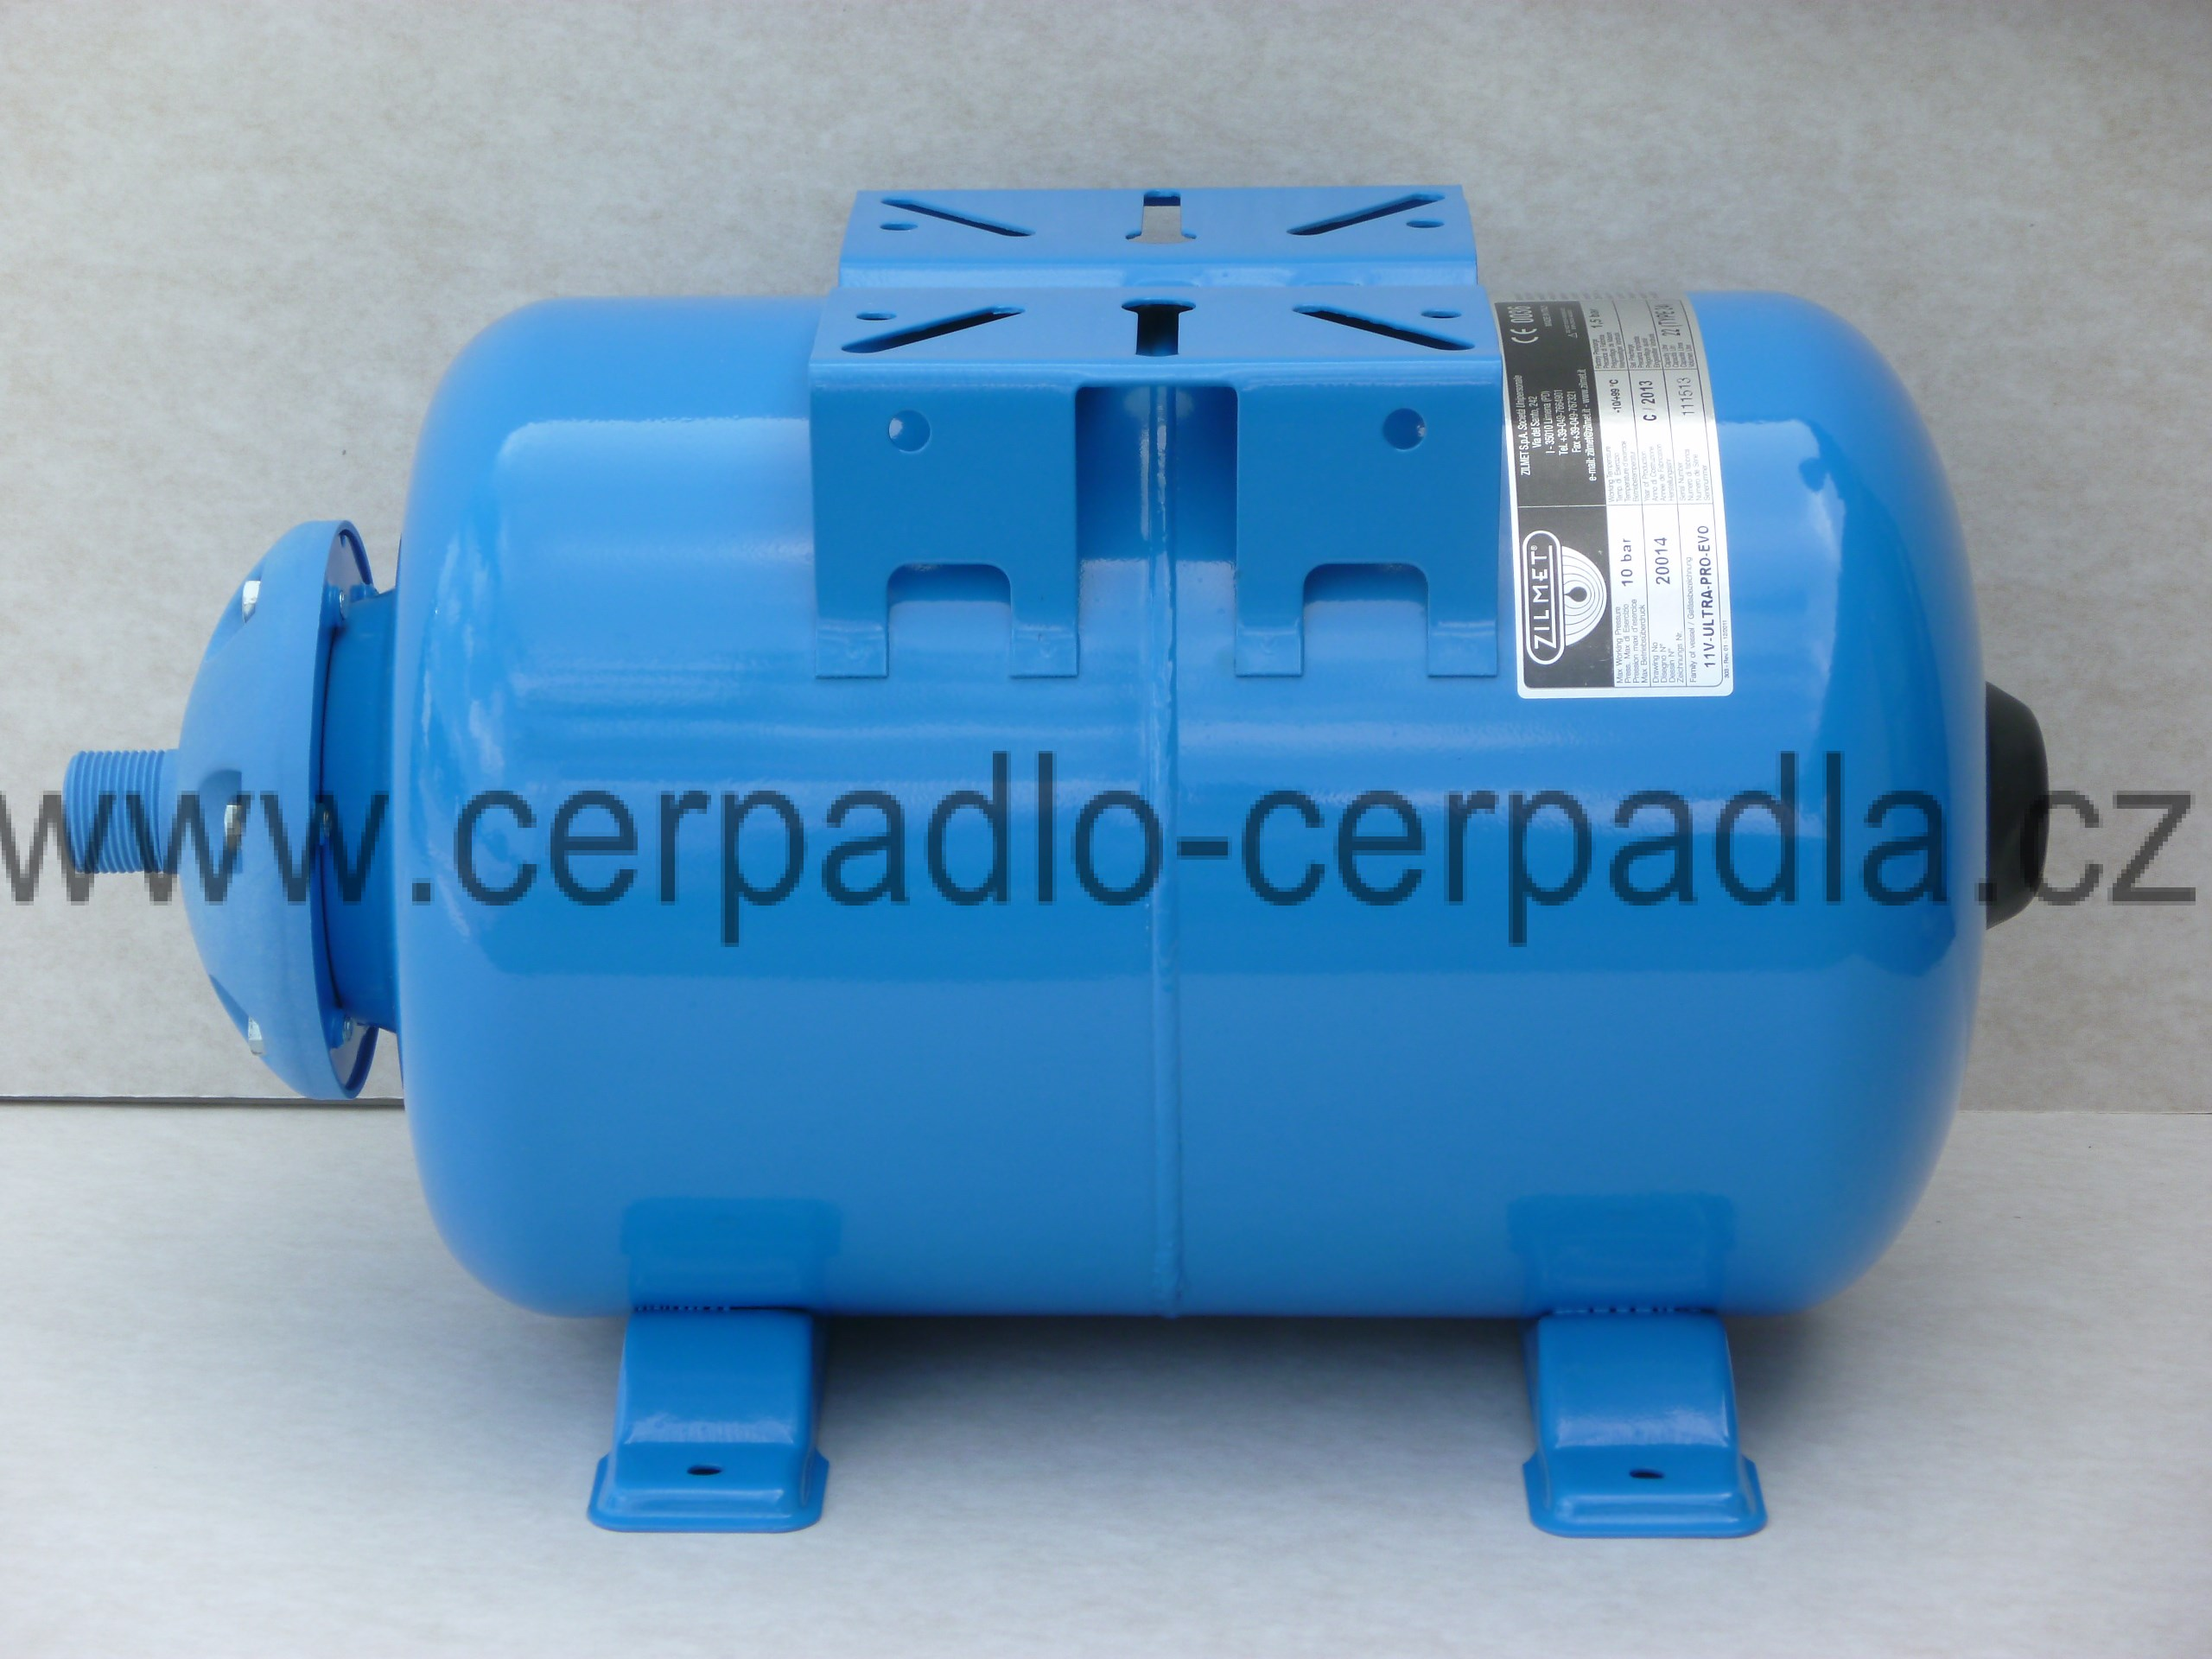 ZILMET ULTRA-PRO 80 (tlaková nádoba, horizontální s vakem, tlakové nádoby ZILMET 80, nádrž pro domácí vodárny)